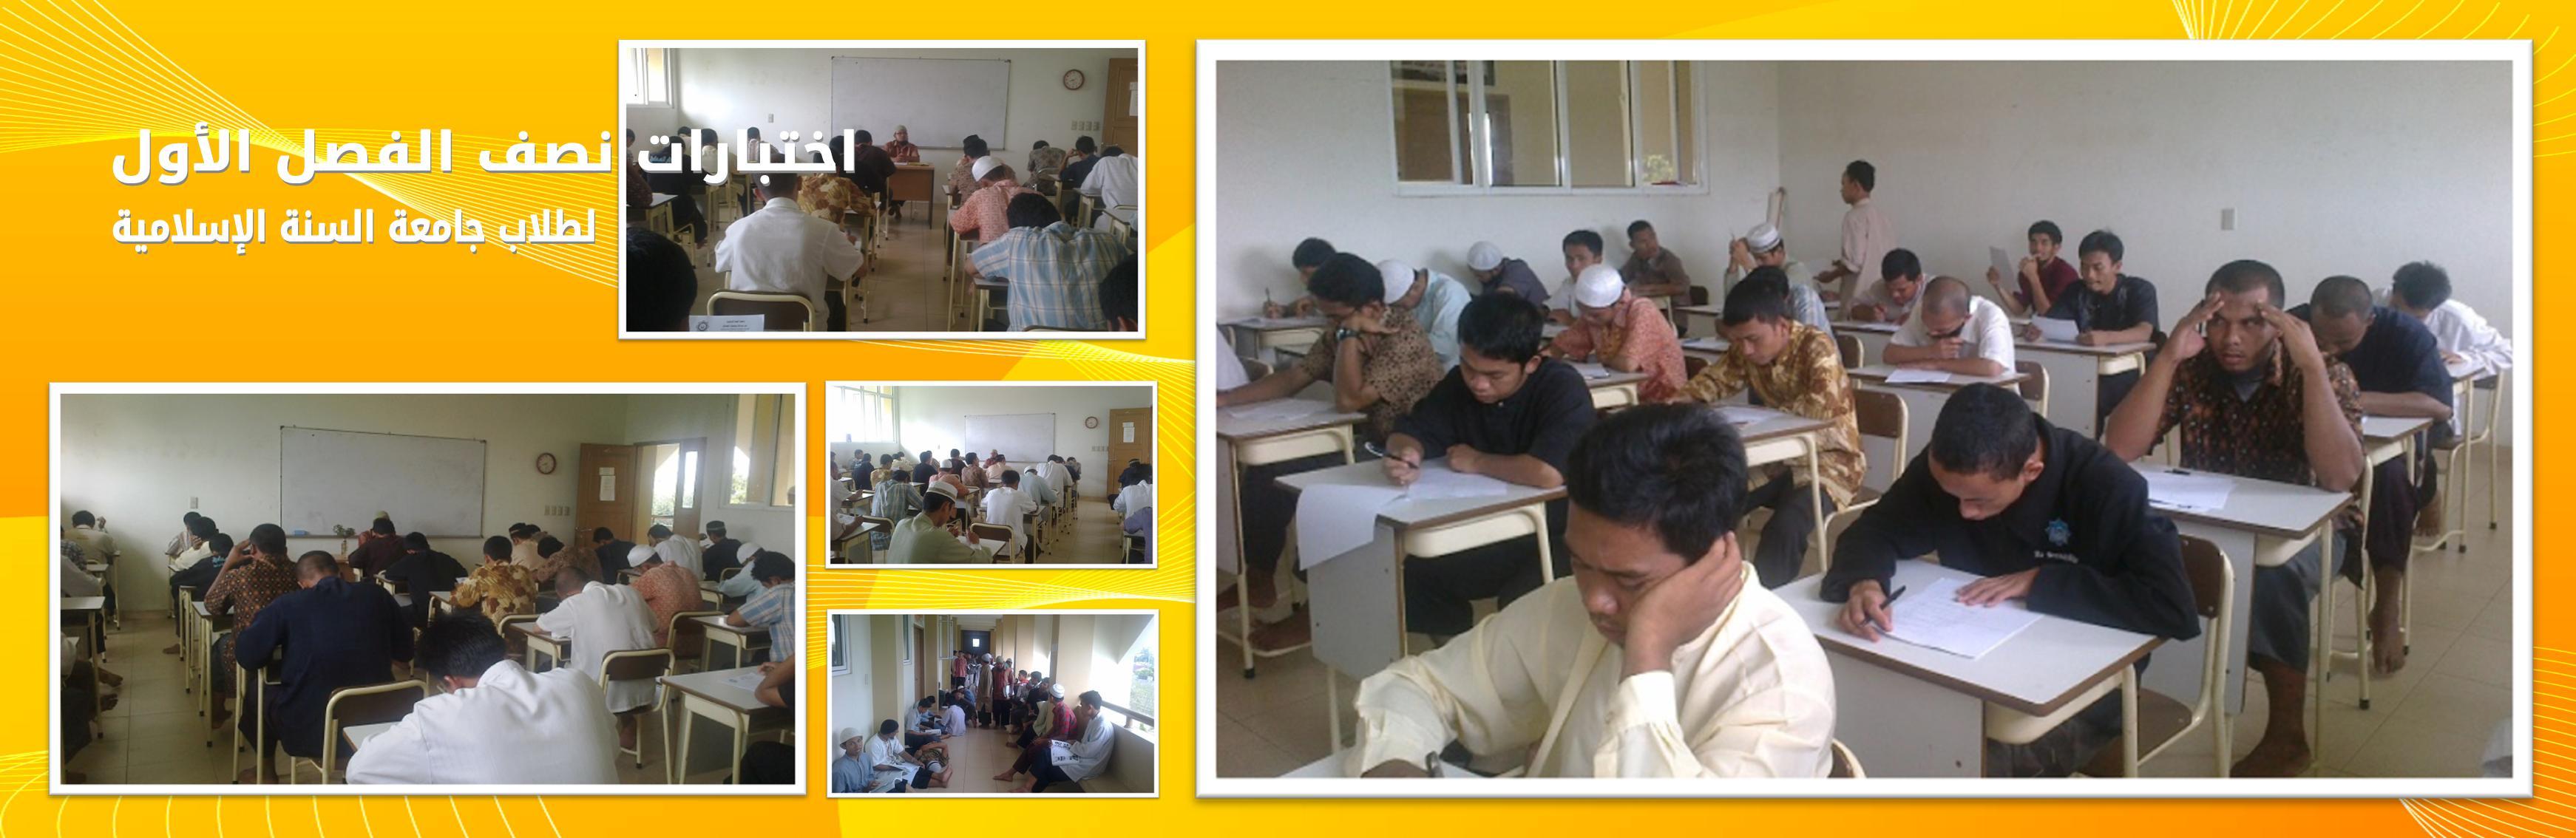 اختبار نصف الفصل الأول لطلاب جامعة السنة الإسلامية